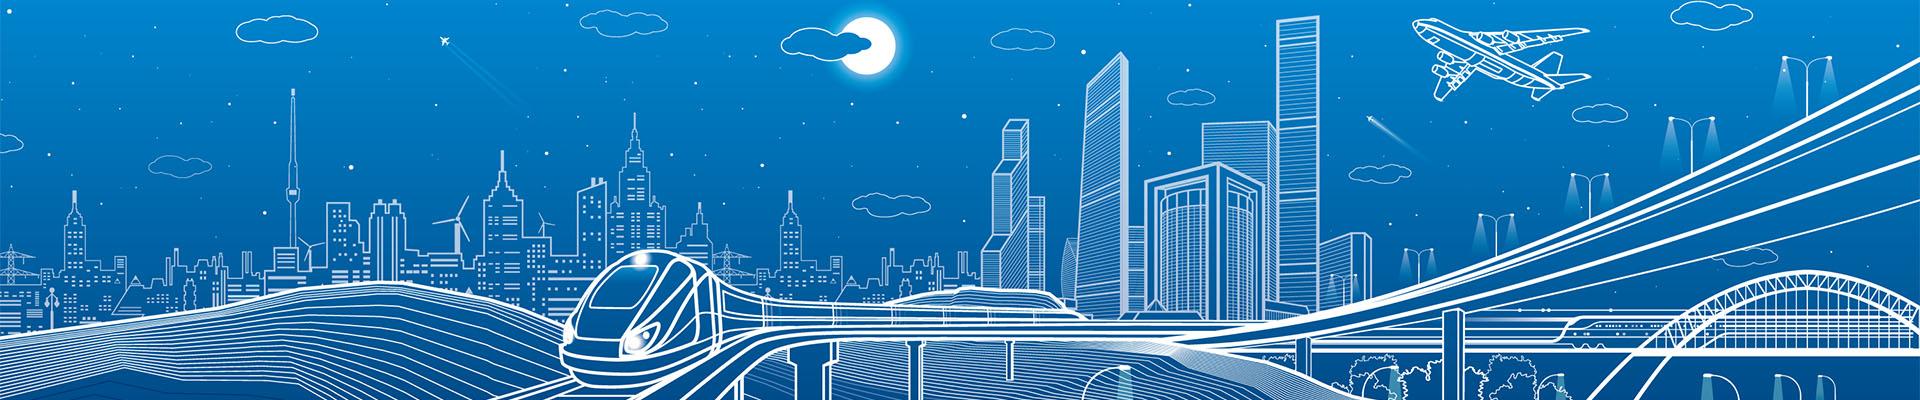 城市地标工程